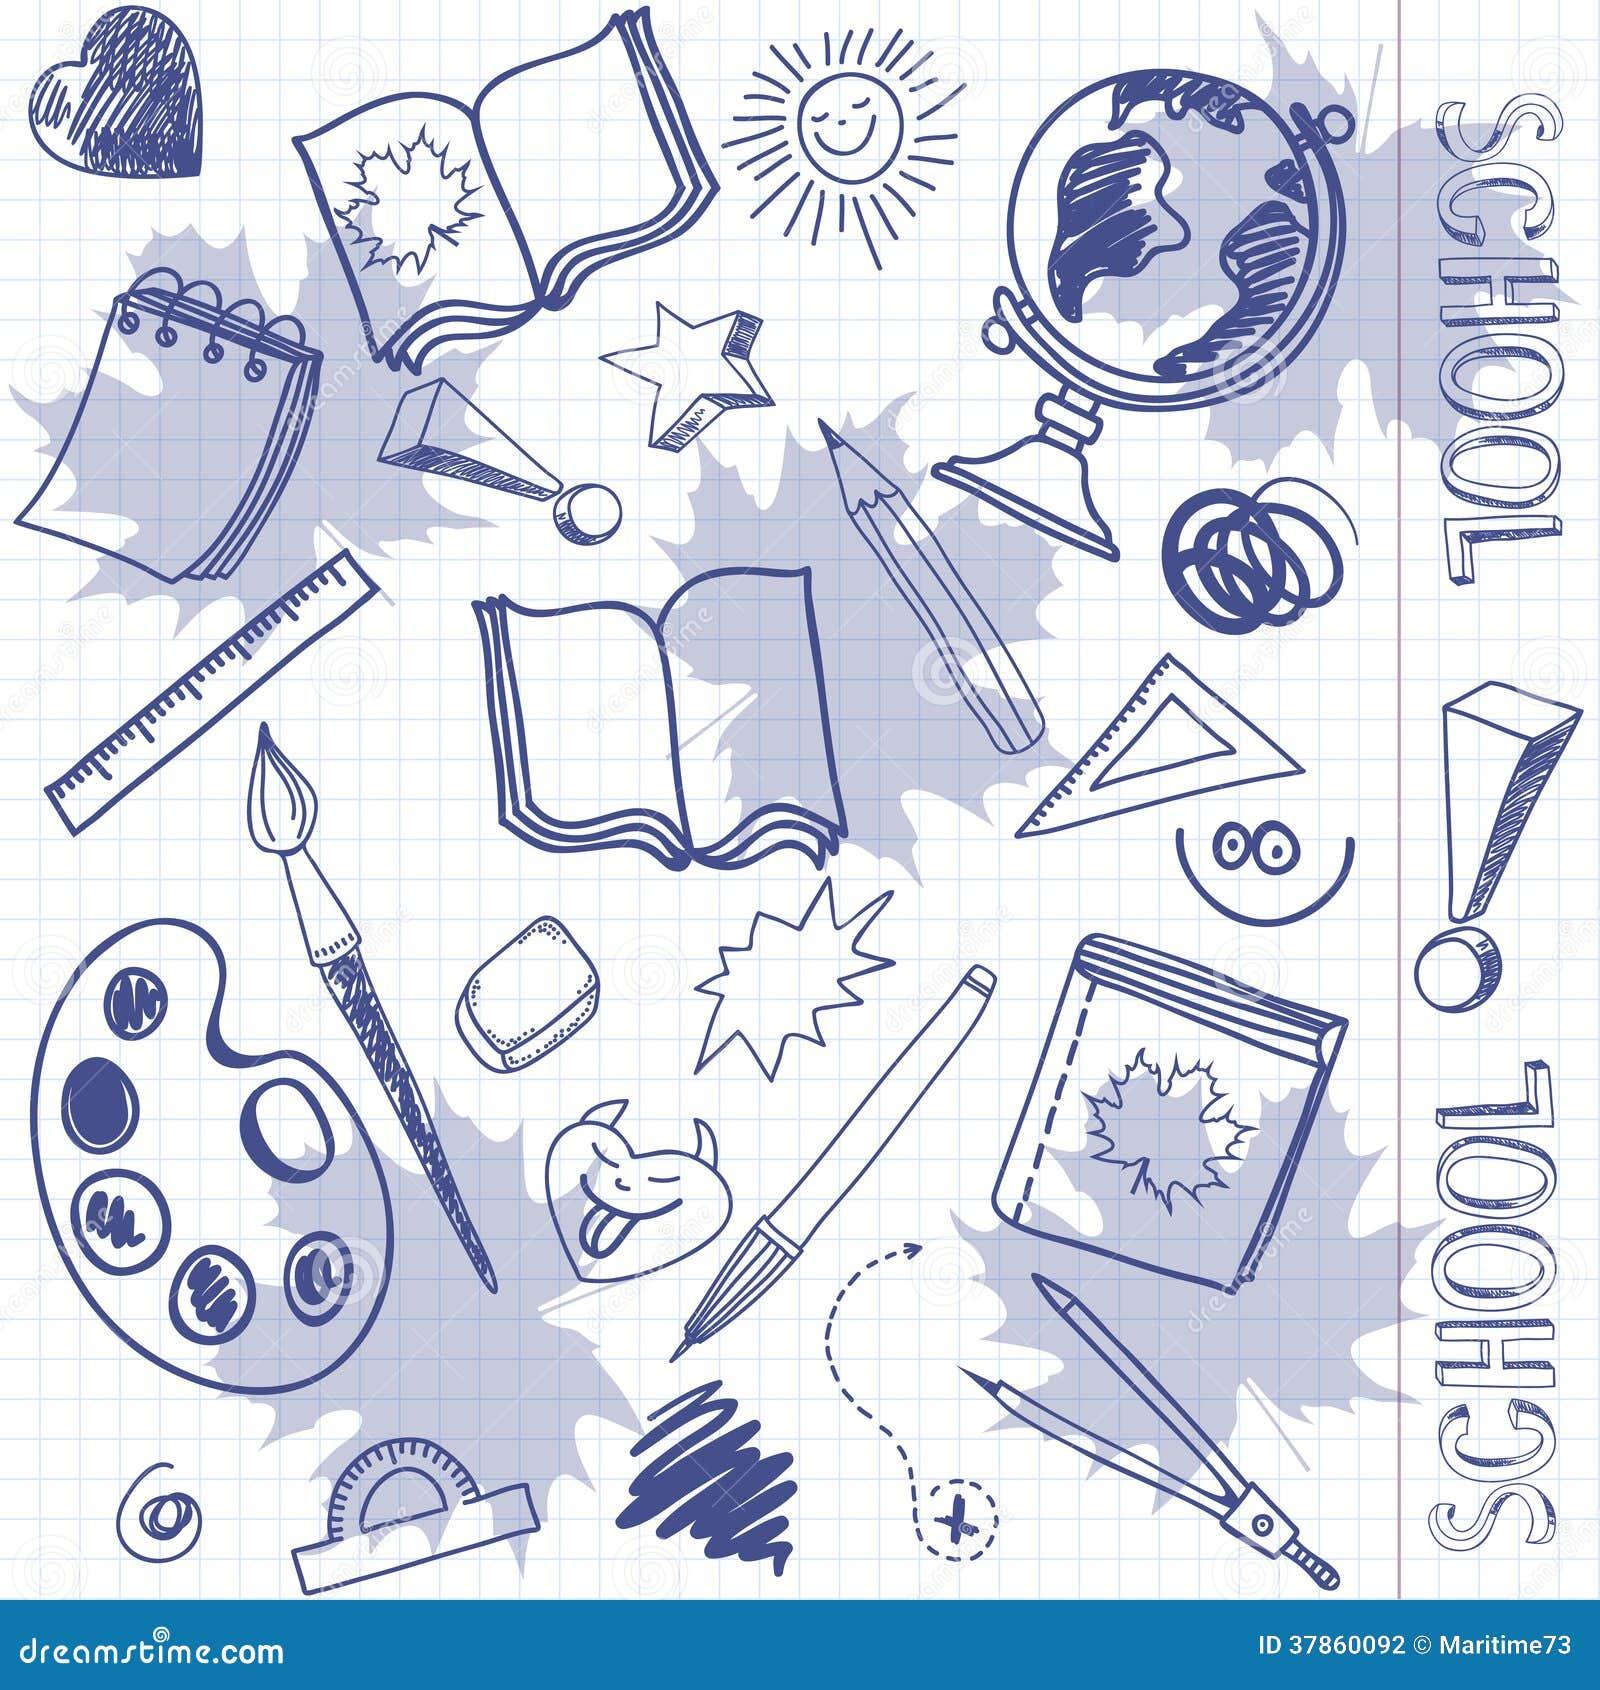 Articles d 39 cole de dessin de dessin main lev e sur une for Ecole de dessin bayonne